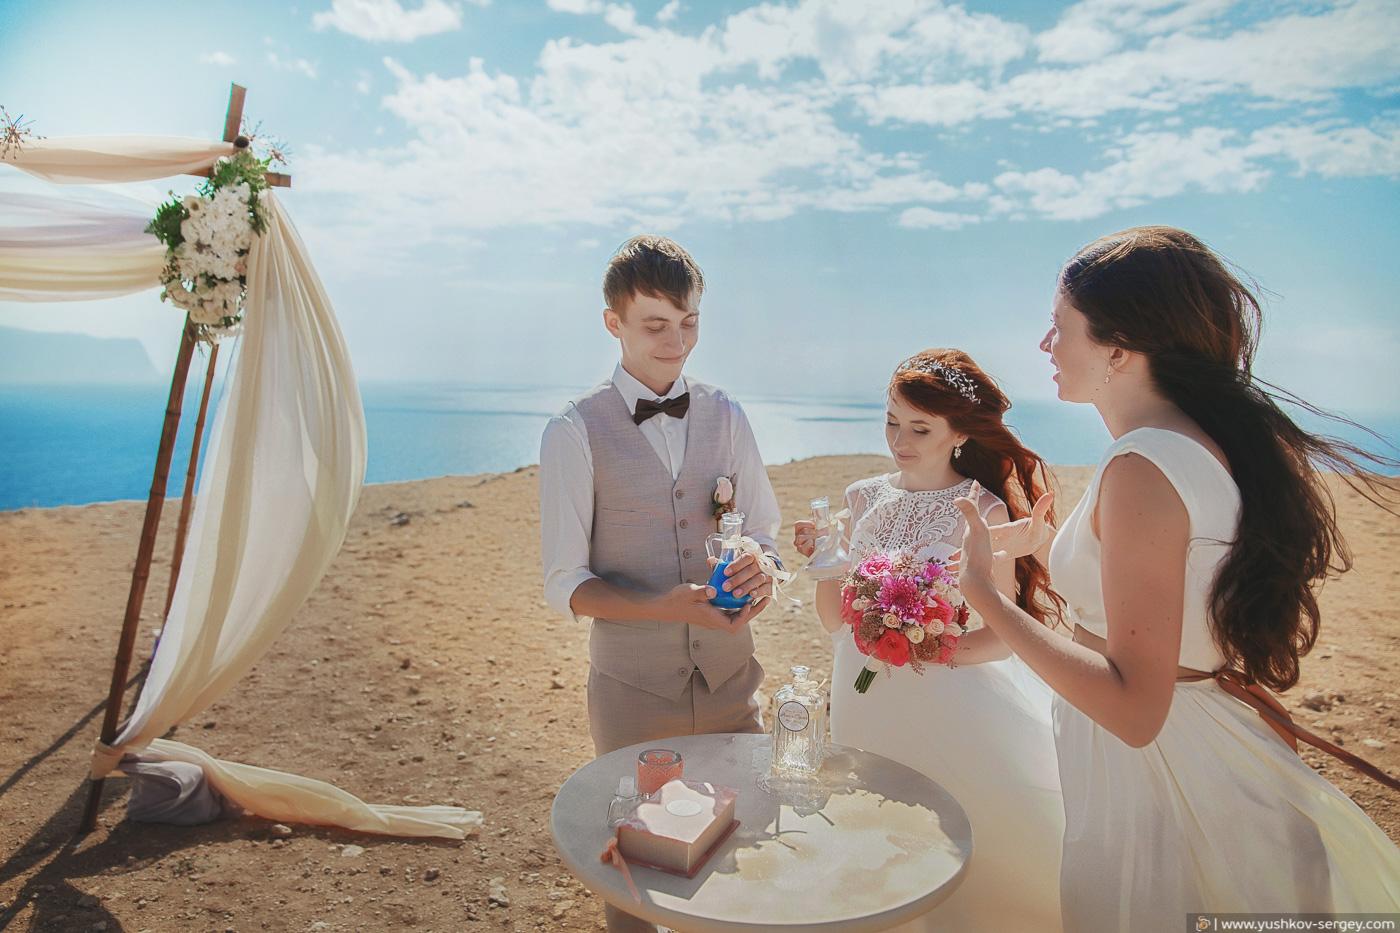 Свадьба для двоих в Крыму. Свадебная фотосессия на мысе Фиолент, Севастополь. Фотограф - Сергей Юшков.